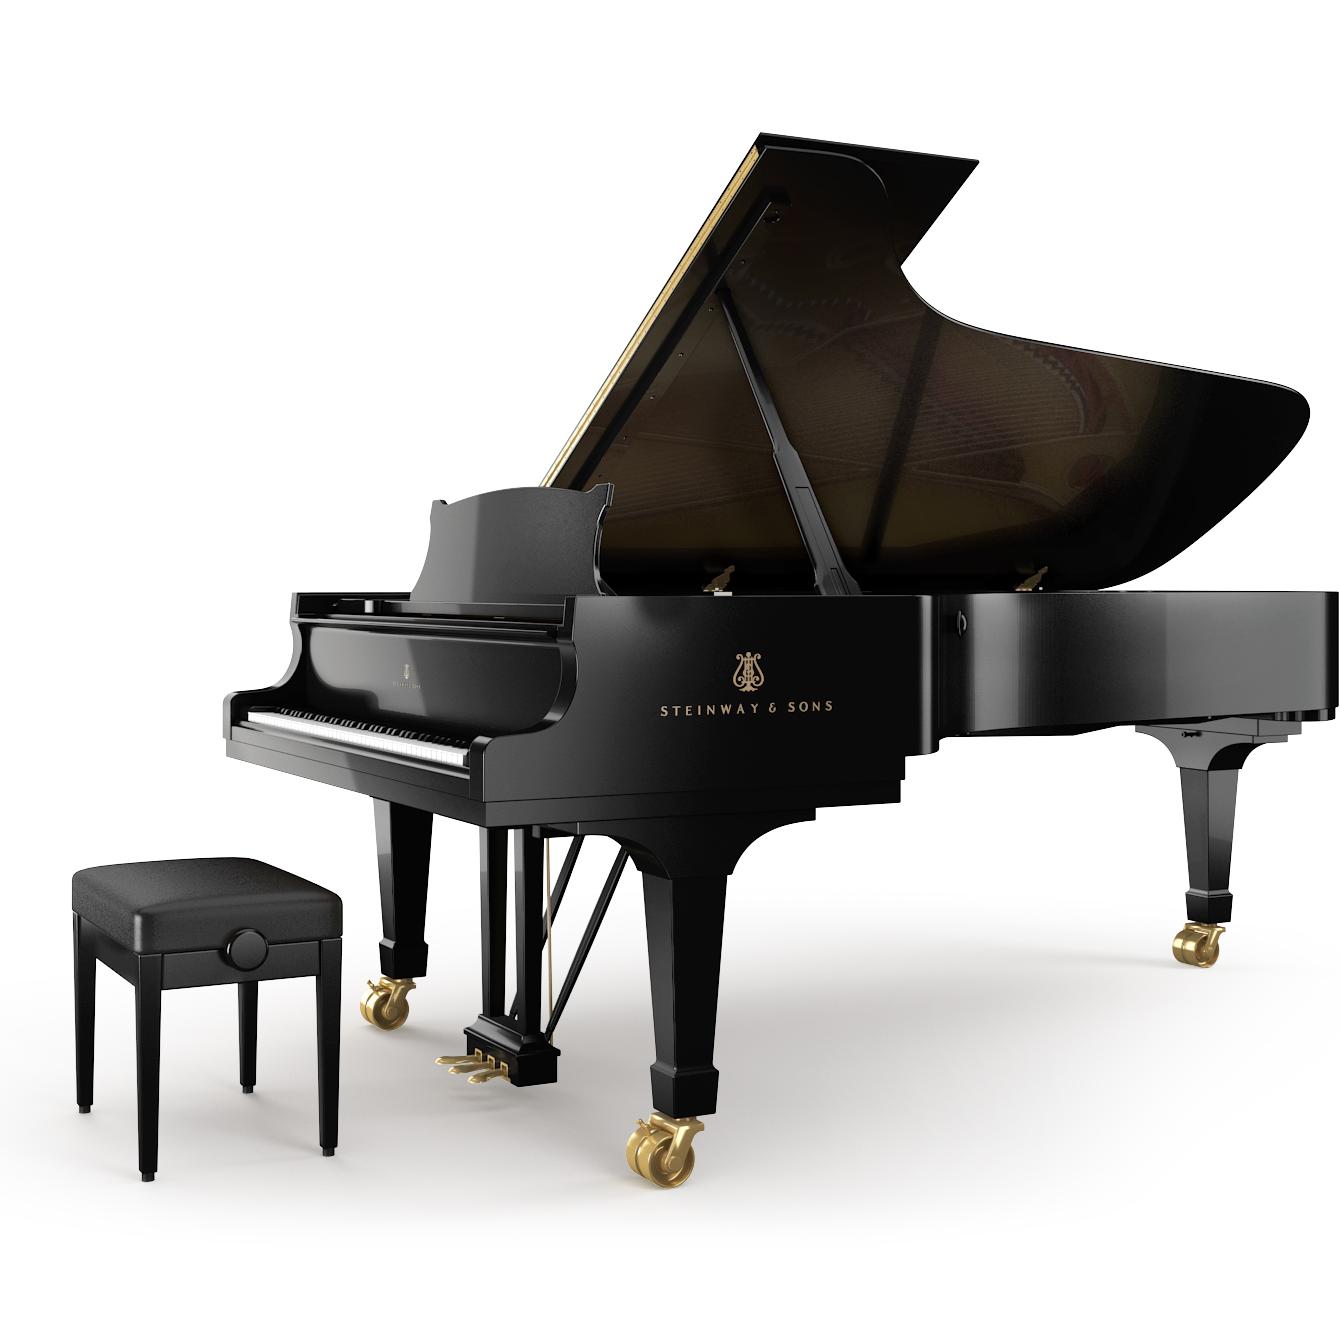 Pianoforte Steinway D-274 - Alberto Napolitano Pianoforti Napoli